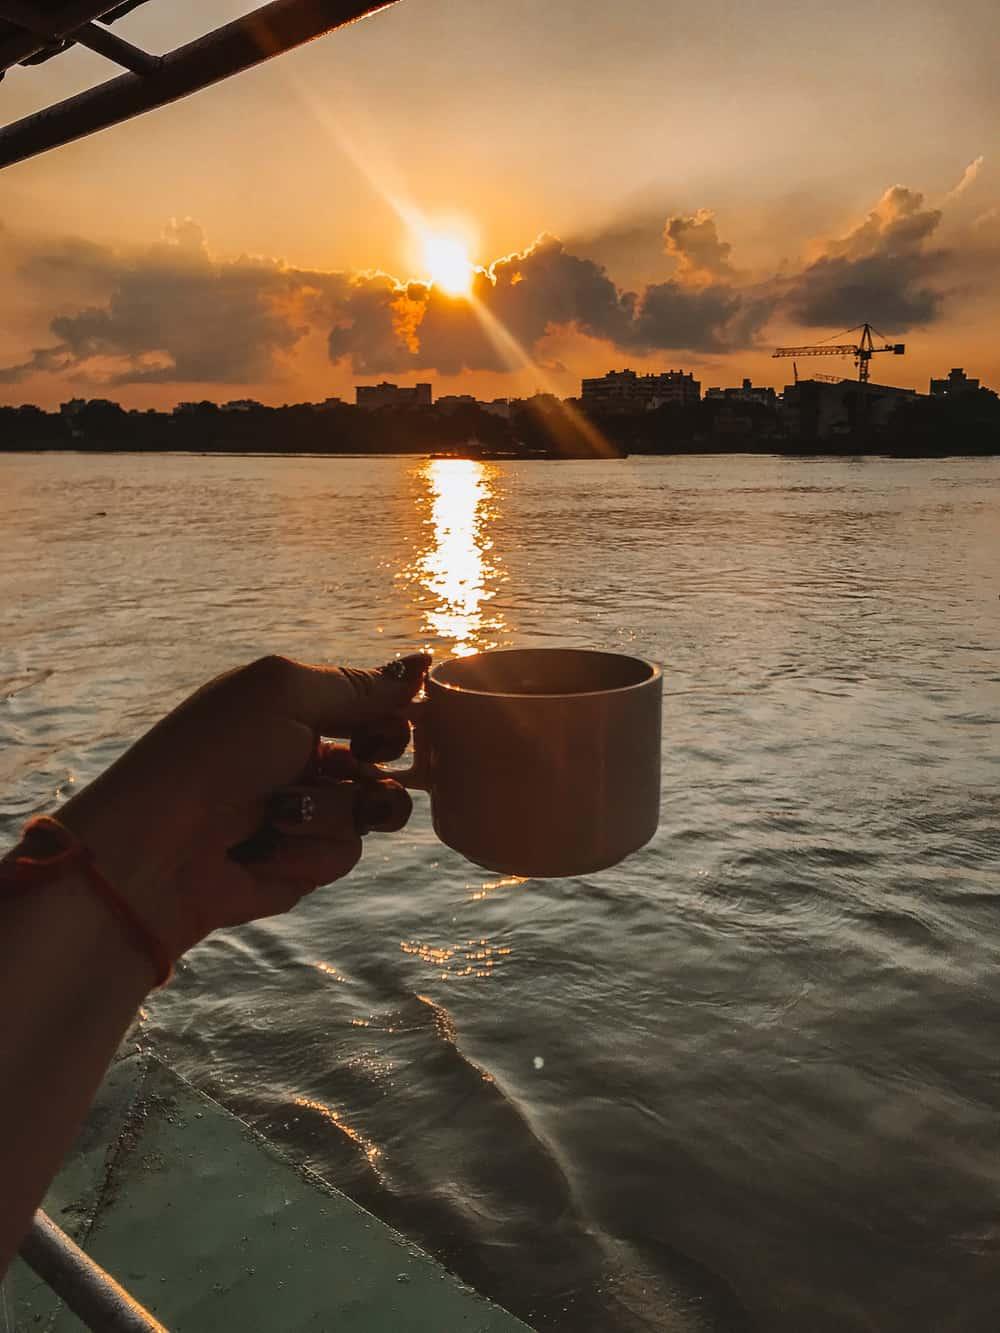 Ganges river cruise in Kolkata